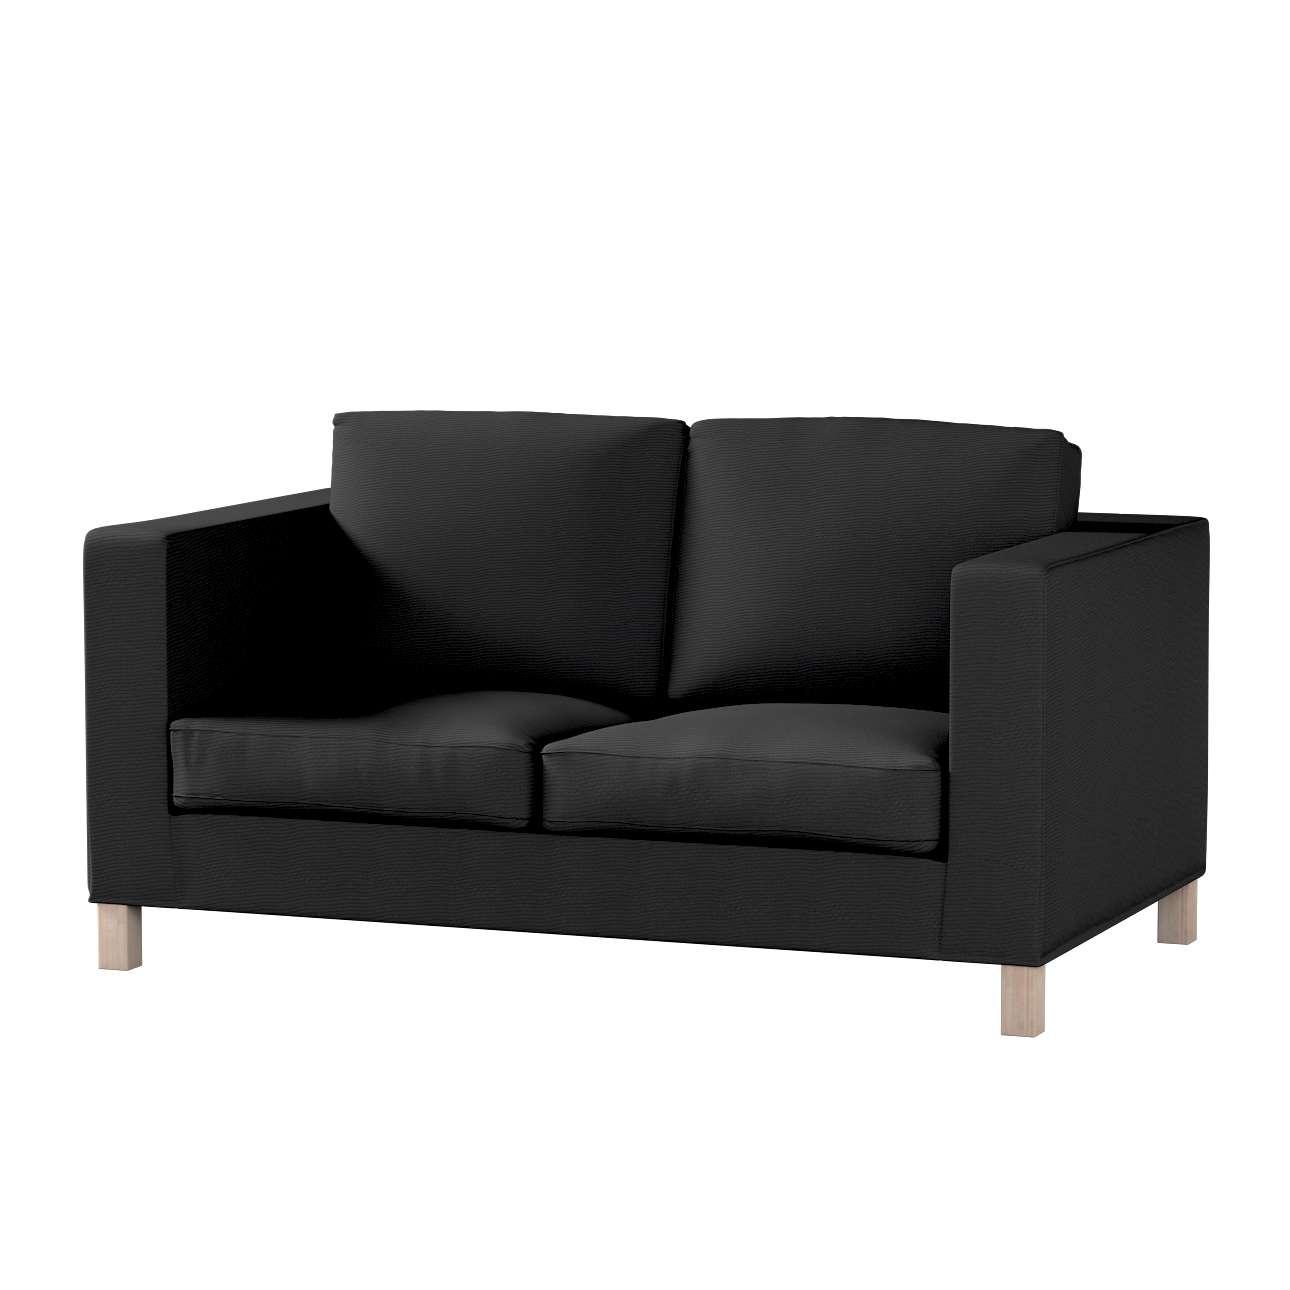 Karlanda 2-Sitzer Sofabezug nicht ausklappbar kurz Karlanda 2-Sitzer von der Kollektion Etna, Stoff: 705-00